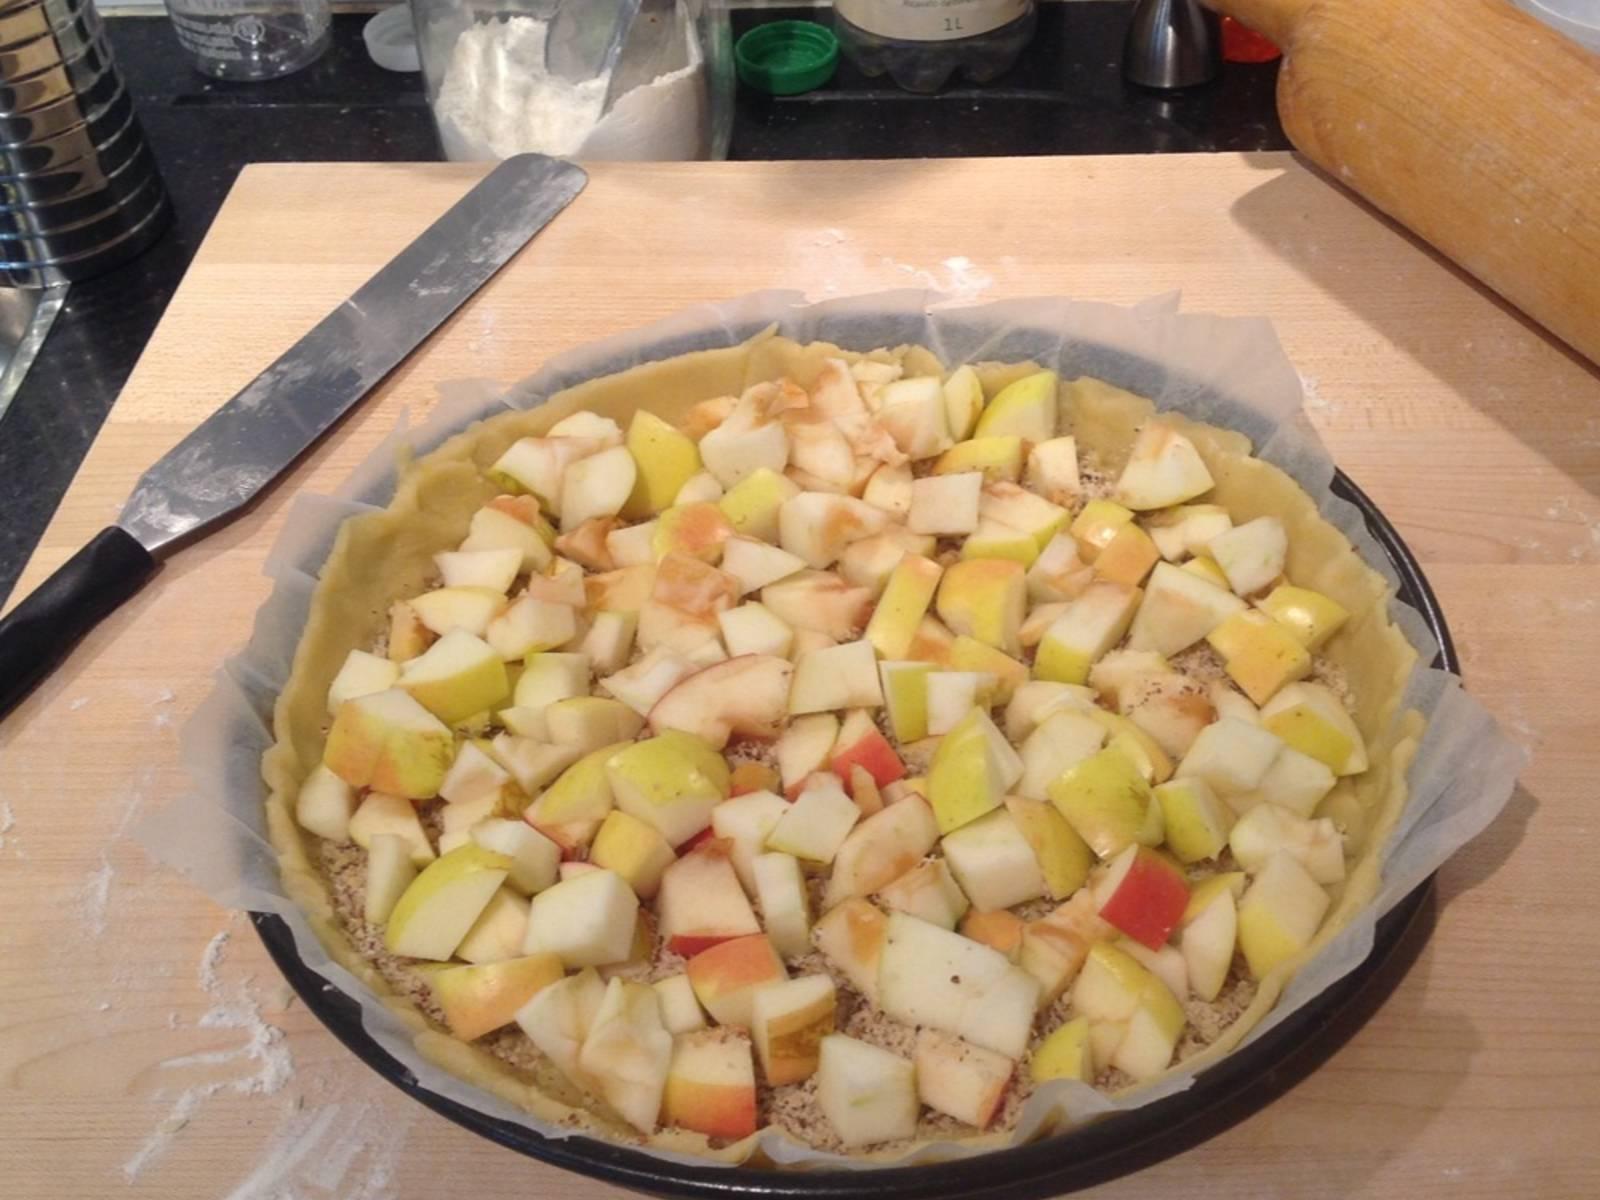 Äpfel schälen, Kerngehäuse entfernen und Äpfel in kleine Würfel schneiden. Auf dem Teigboden verteilen und den Guss sofort darüber gießen.